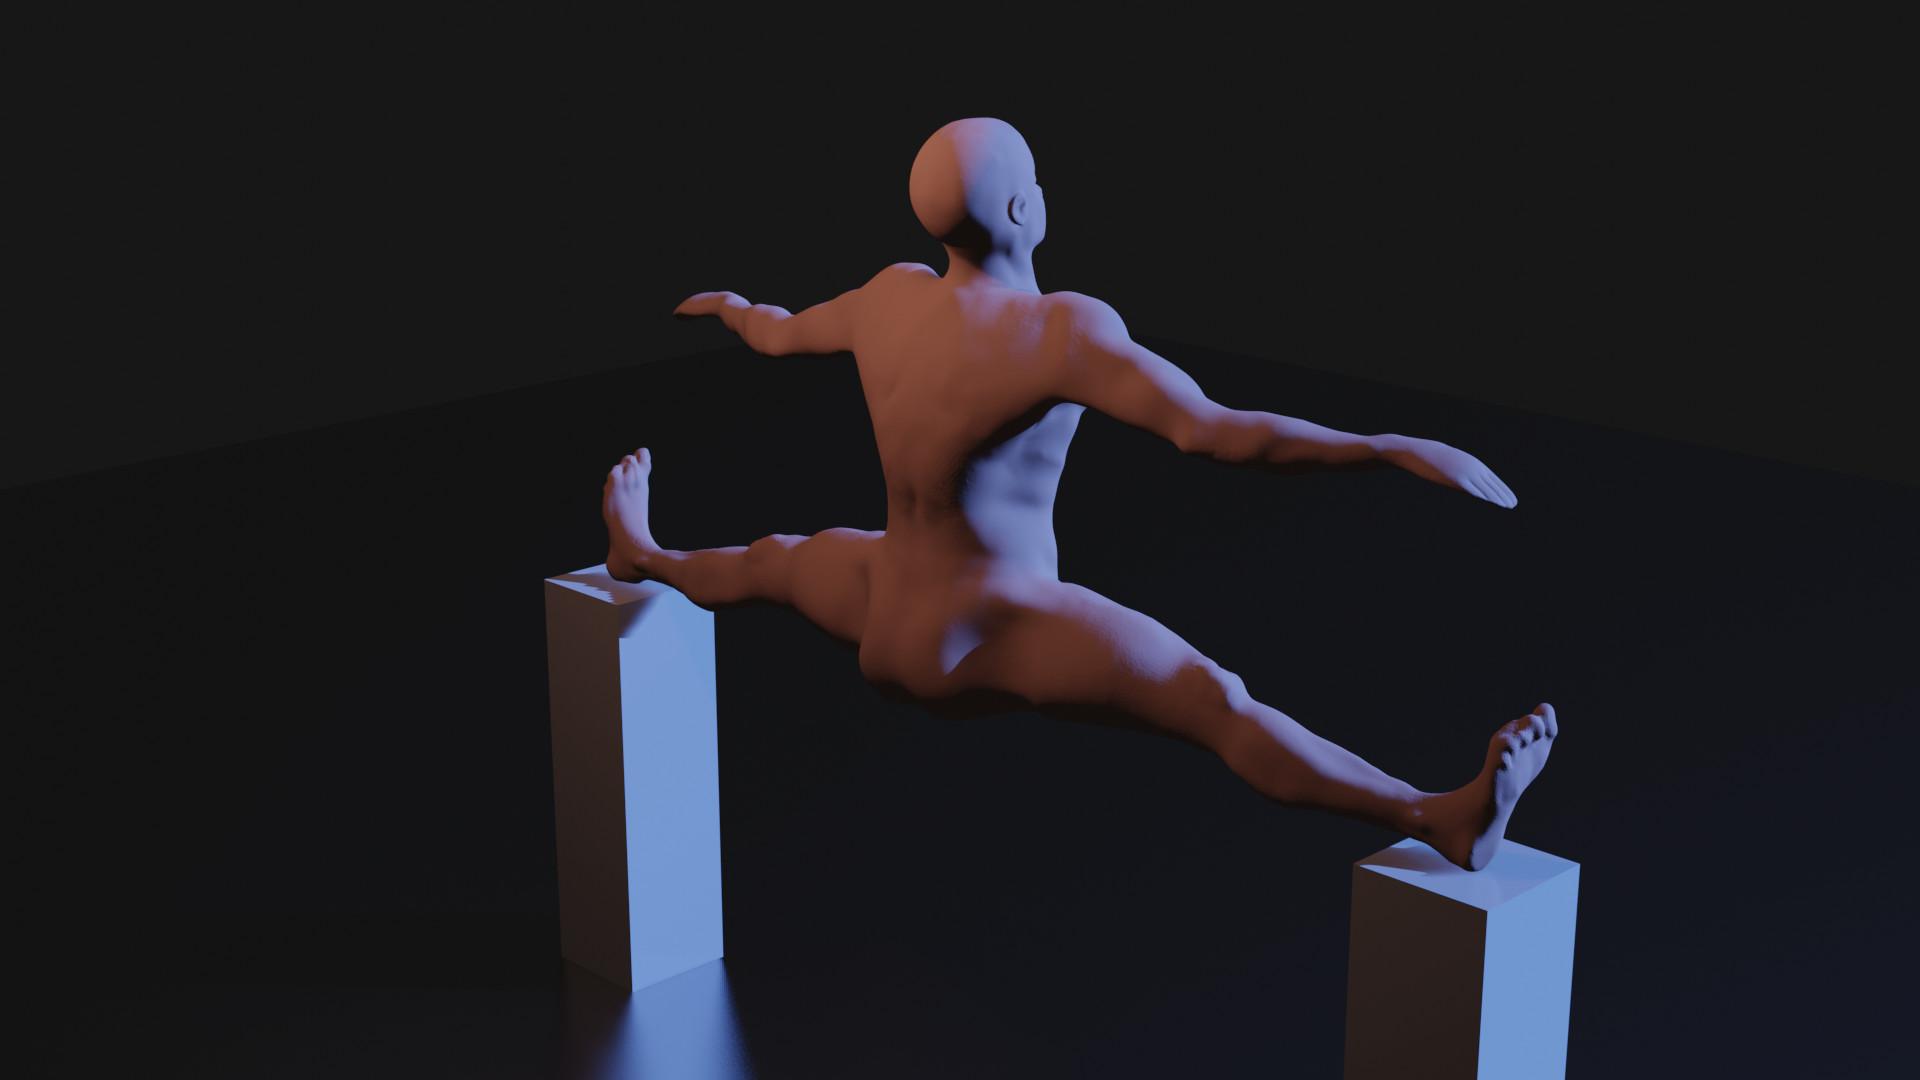 Laurent vermeersch flexing